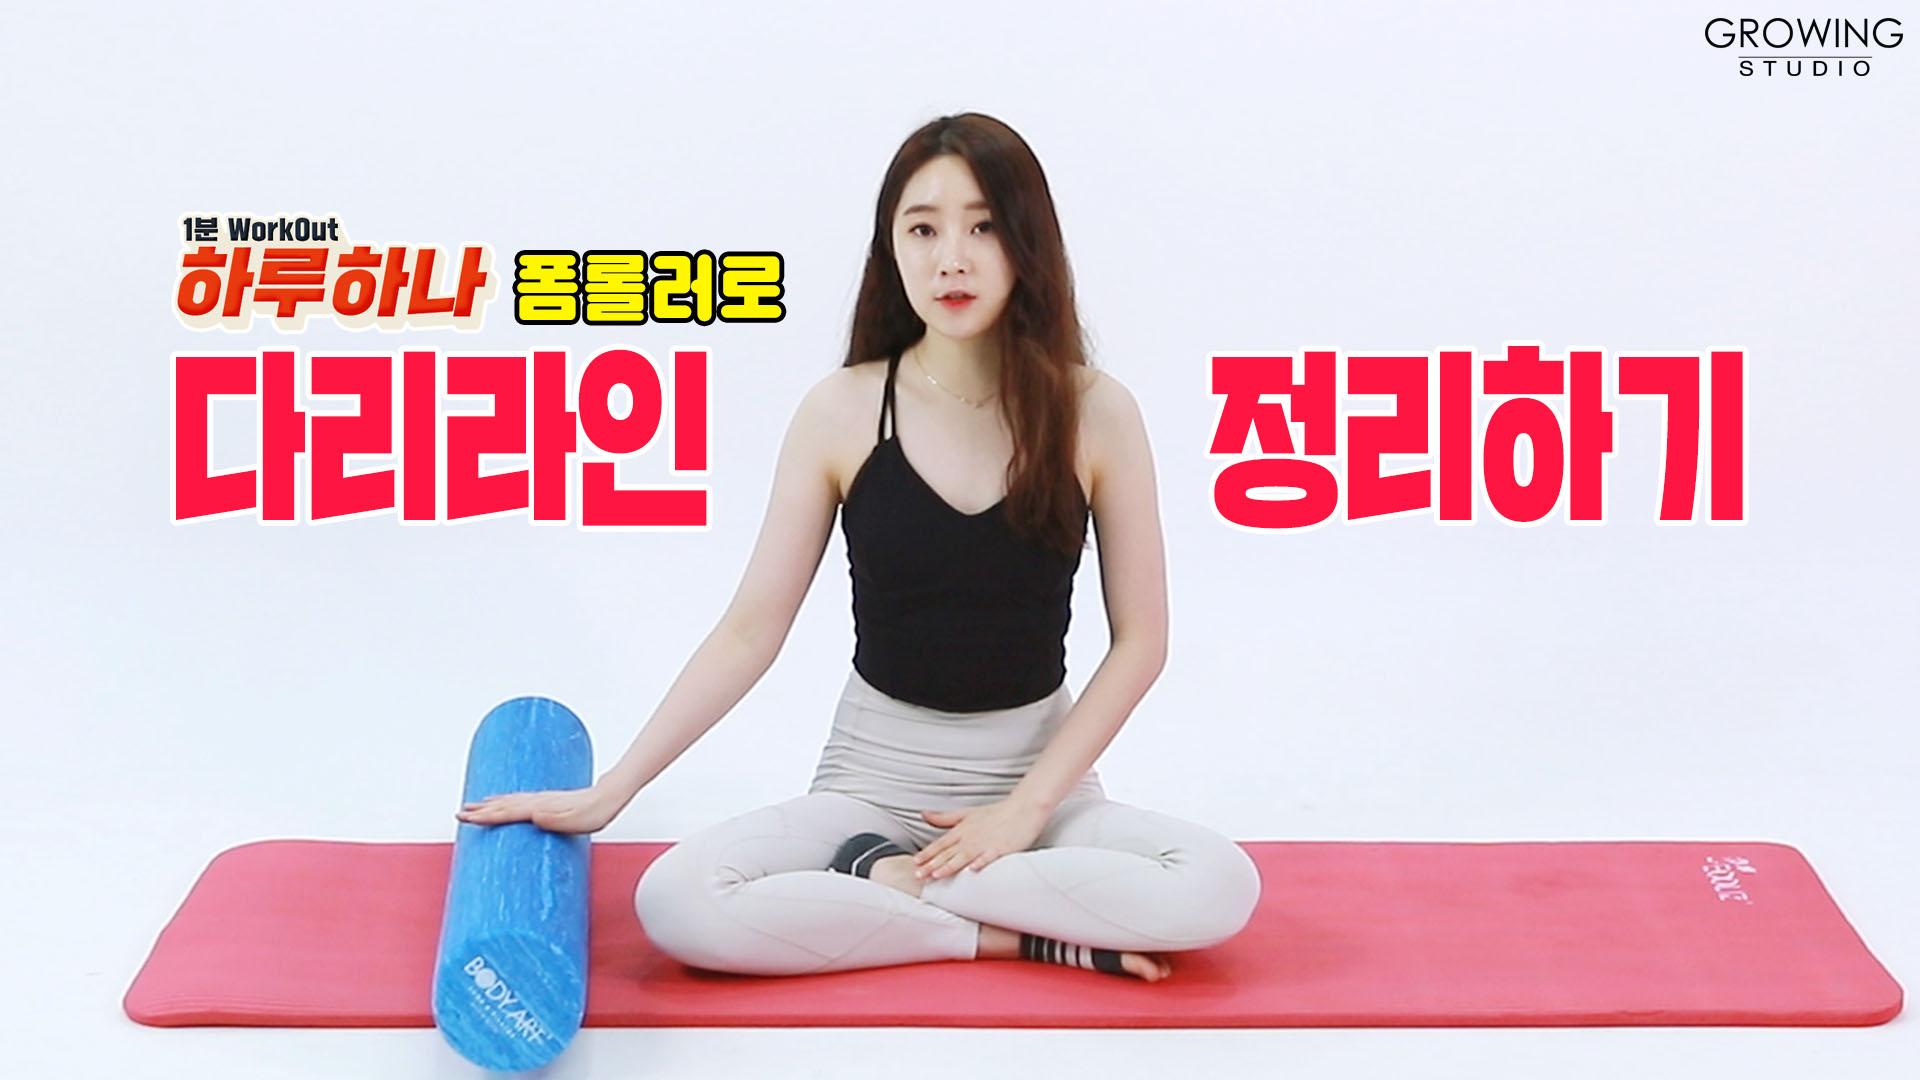 [1분팁] 레깅스입어도 이쁜 꿀벅지 도전! 폼롤러로 허벅지라인 정리하는 운동 - 하루하나